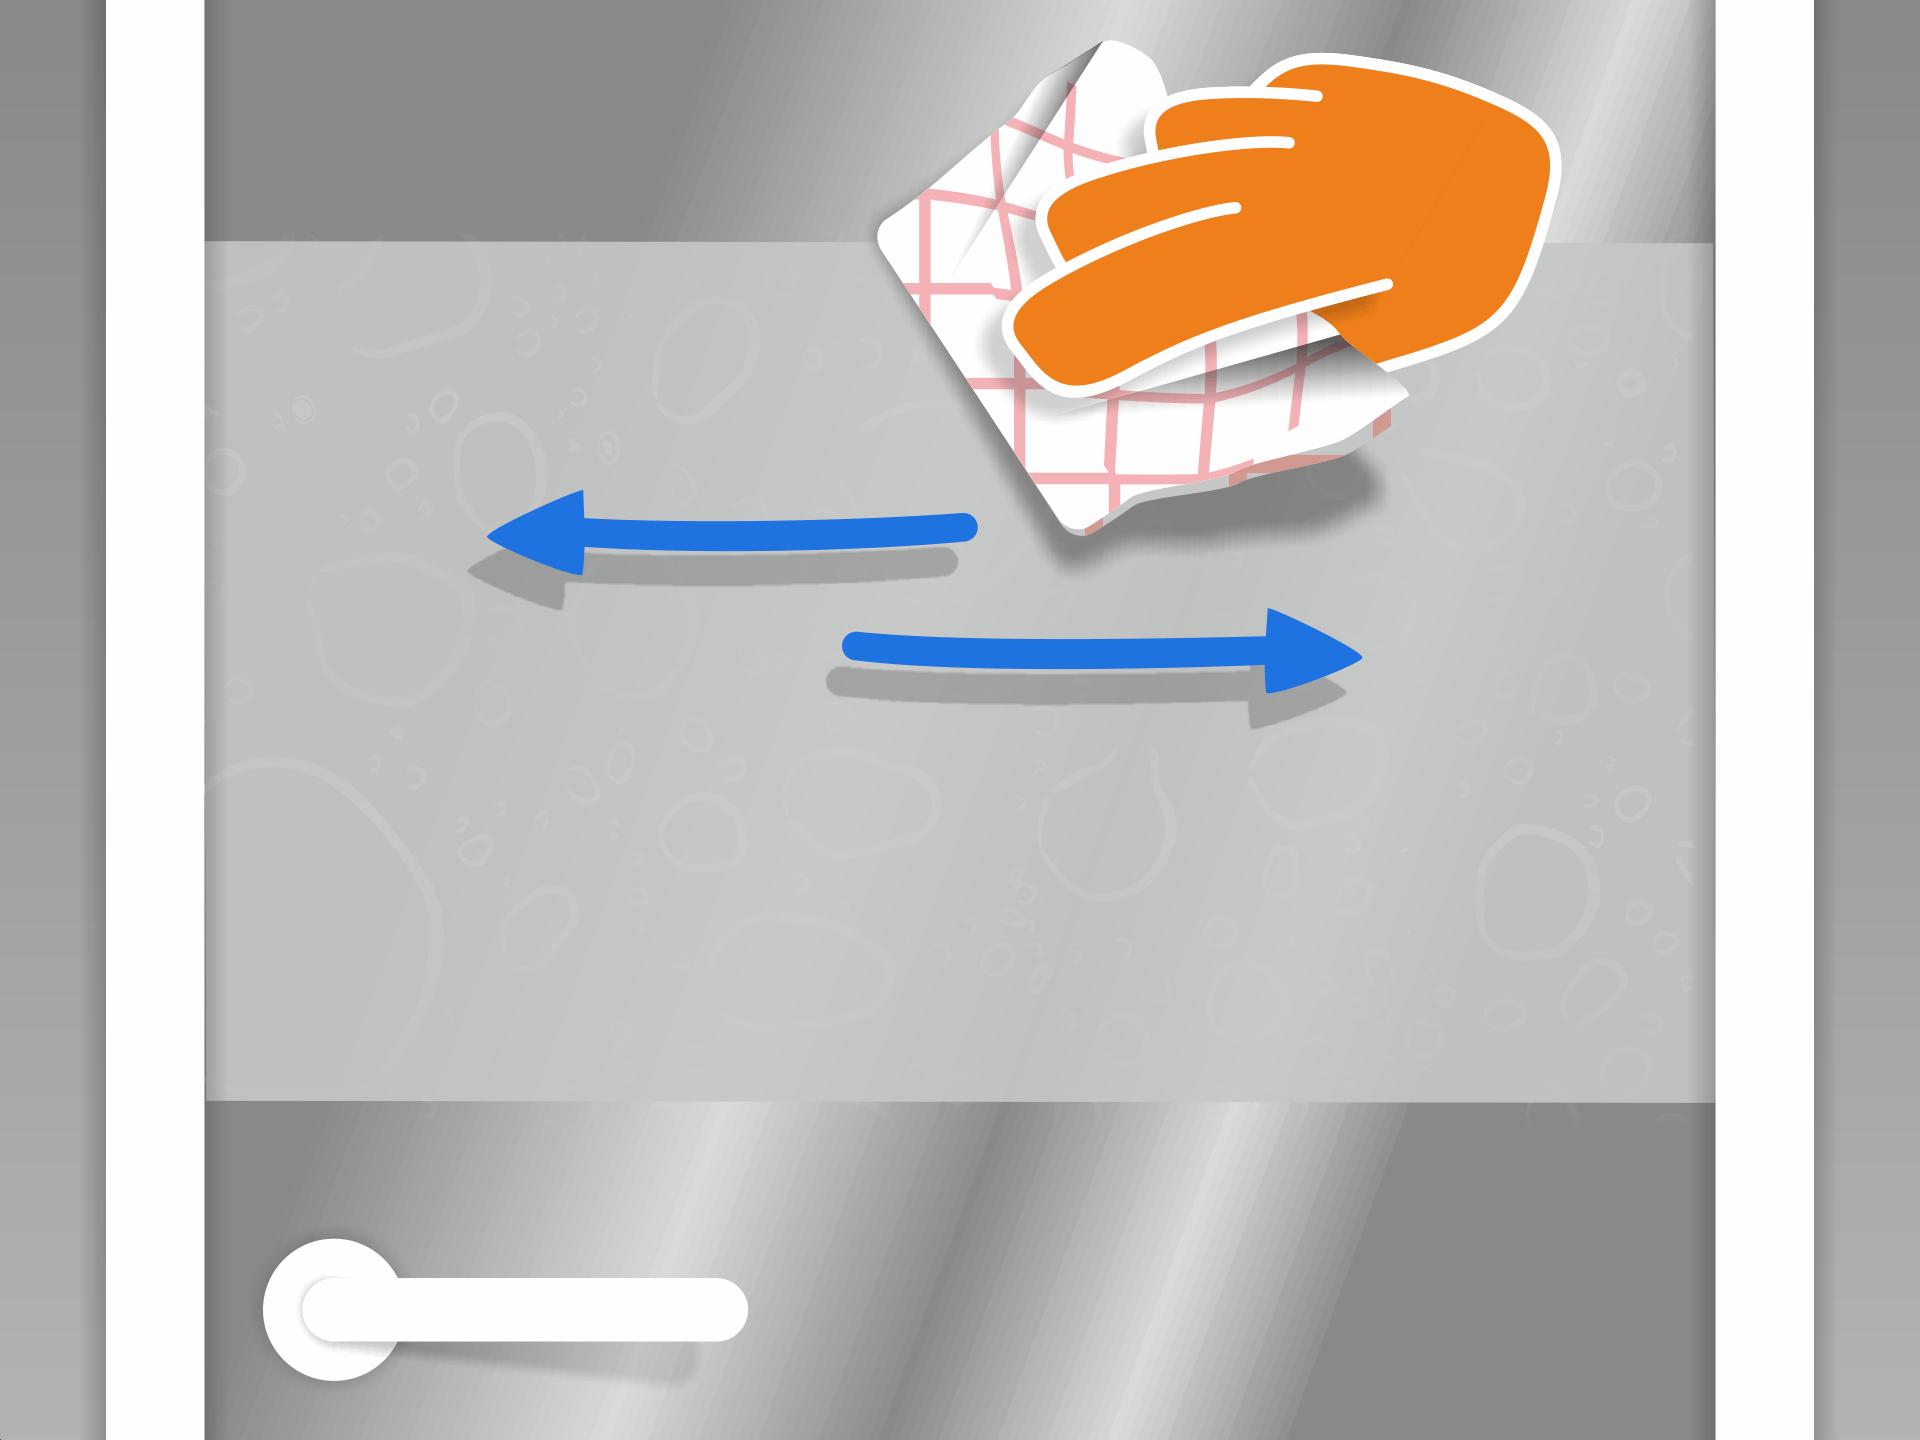 Nun mit dem Rakel arbeiten um die Restfeuchte mit festerem Druck auszustreichen. Wieder von der Mitte aus zum Rand arbeiten. Tipp: Zum Schluss den Rakel mit einem saugfähigen Küchenpapier bespannen. So wird die Flüssigkeit am Rand aufgesaugt und fließt nicht zurück unter die Folie.